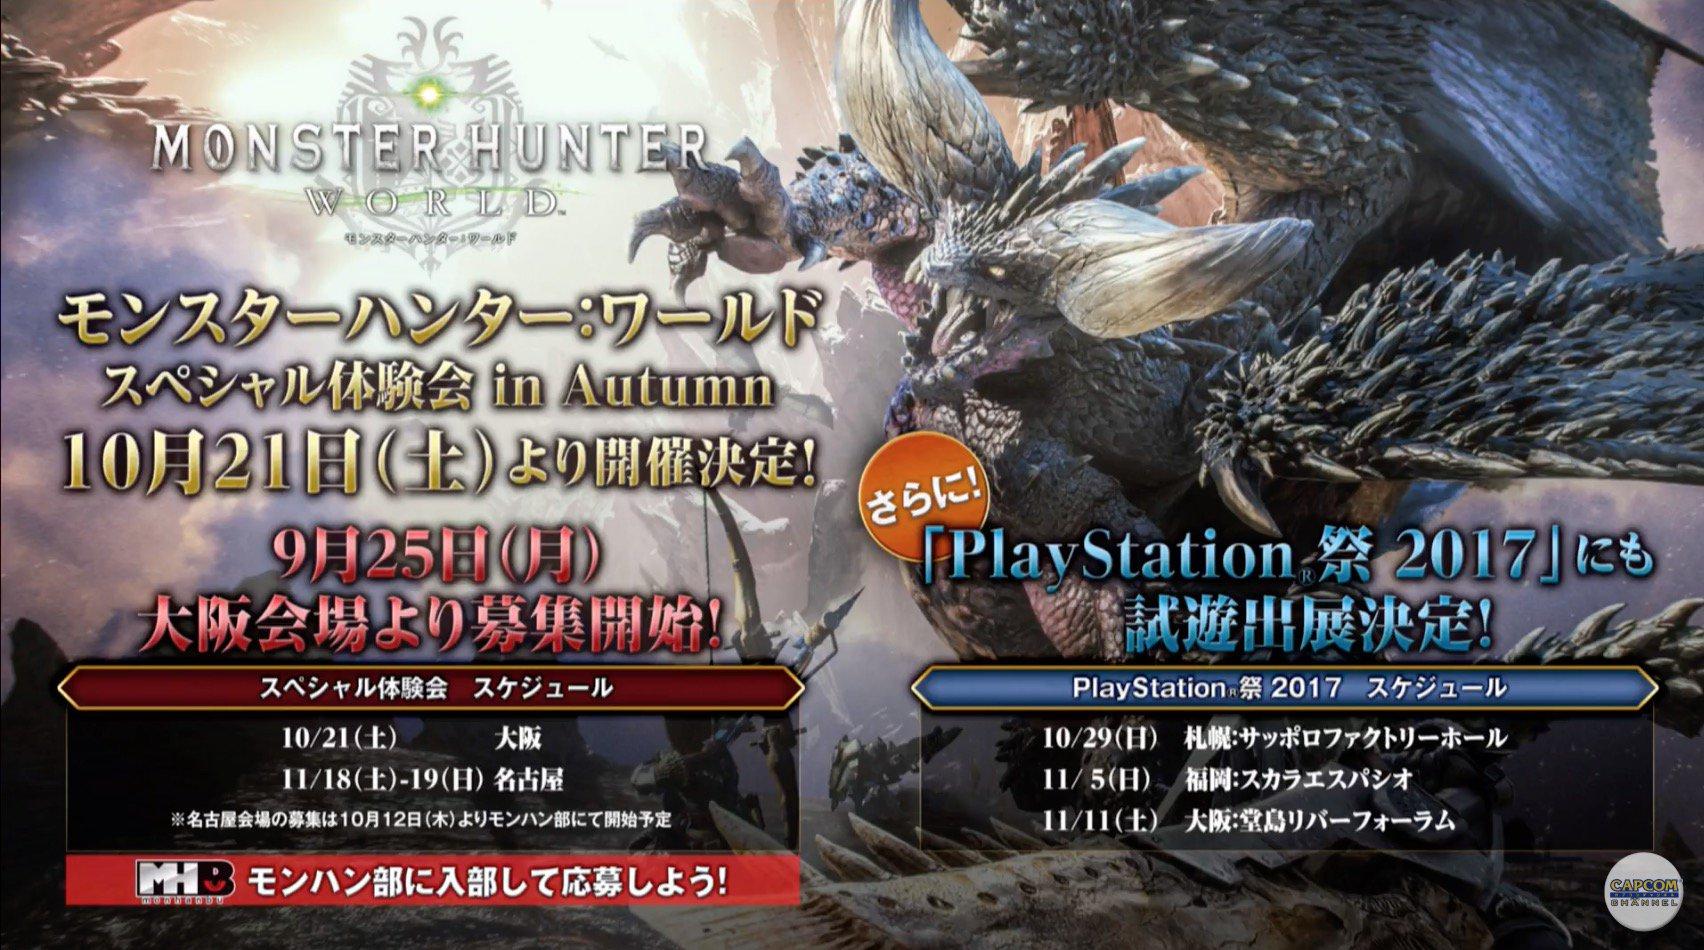 Monster Hunter World Events